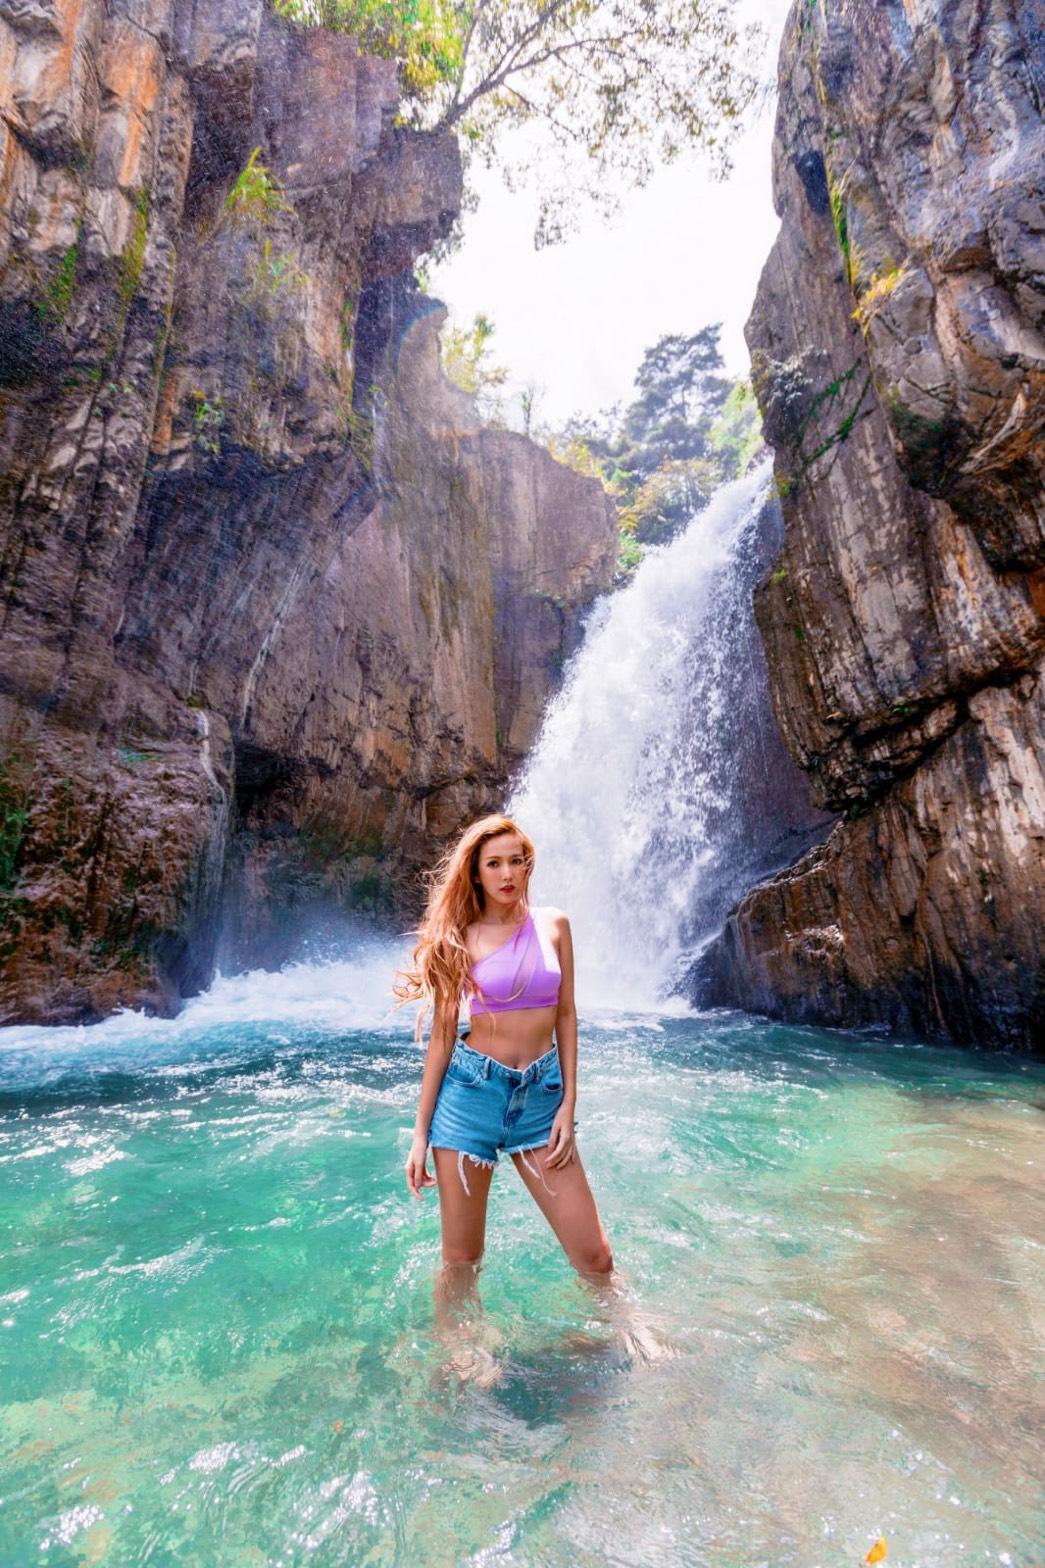 ▲拐拐前陣子去清境玩時,特別跋山涉水與瀑布合照。